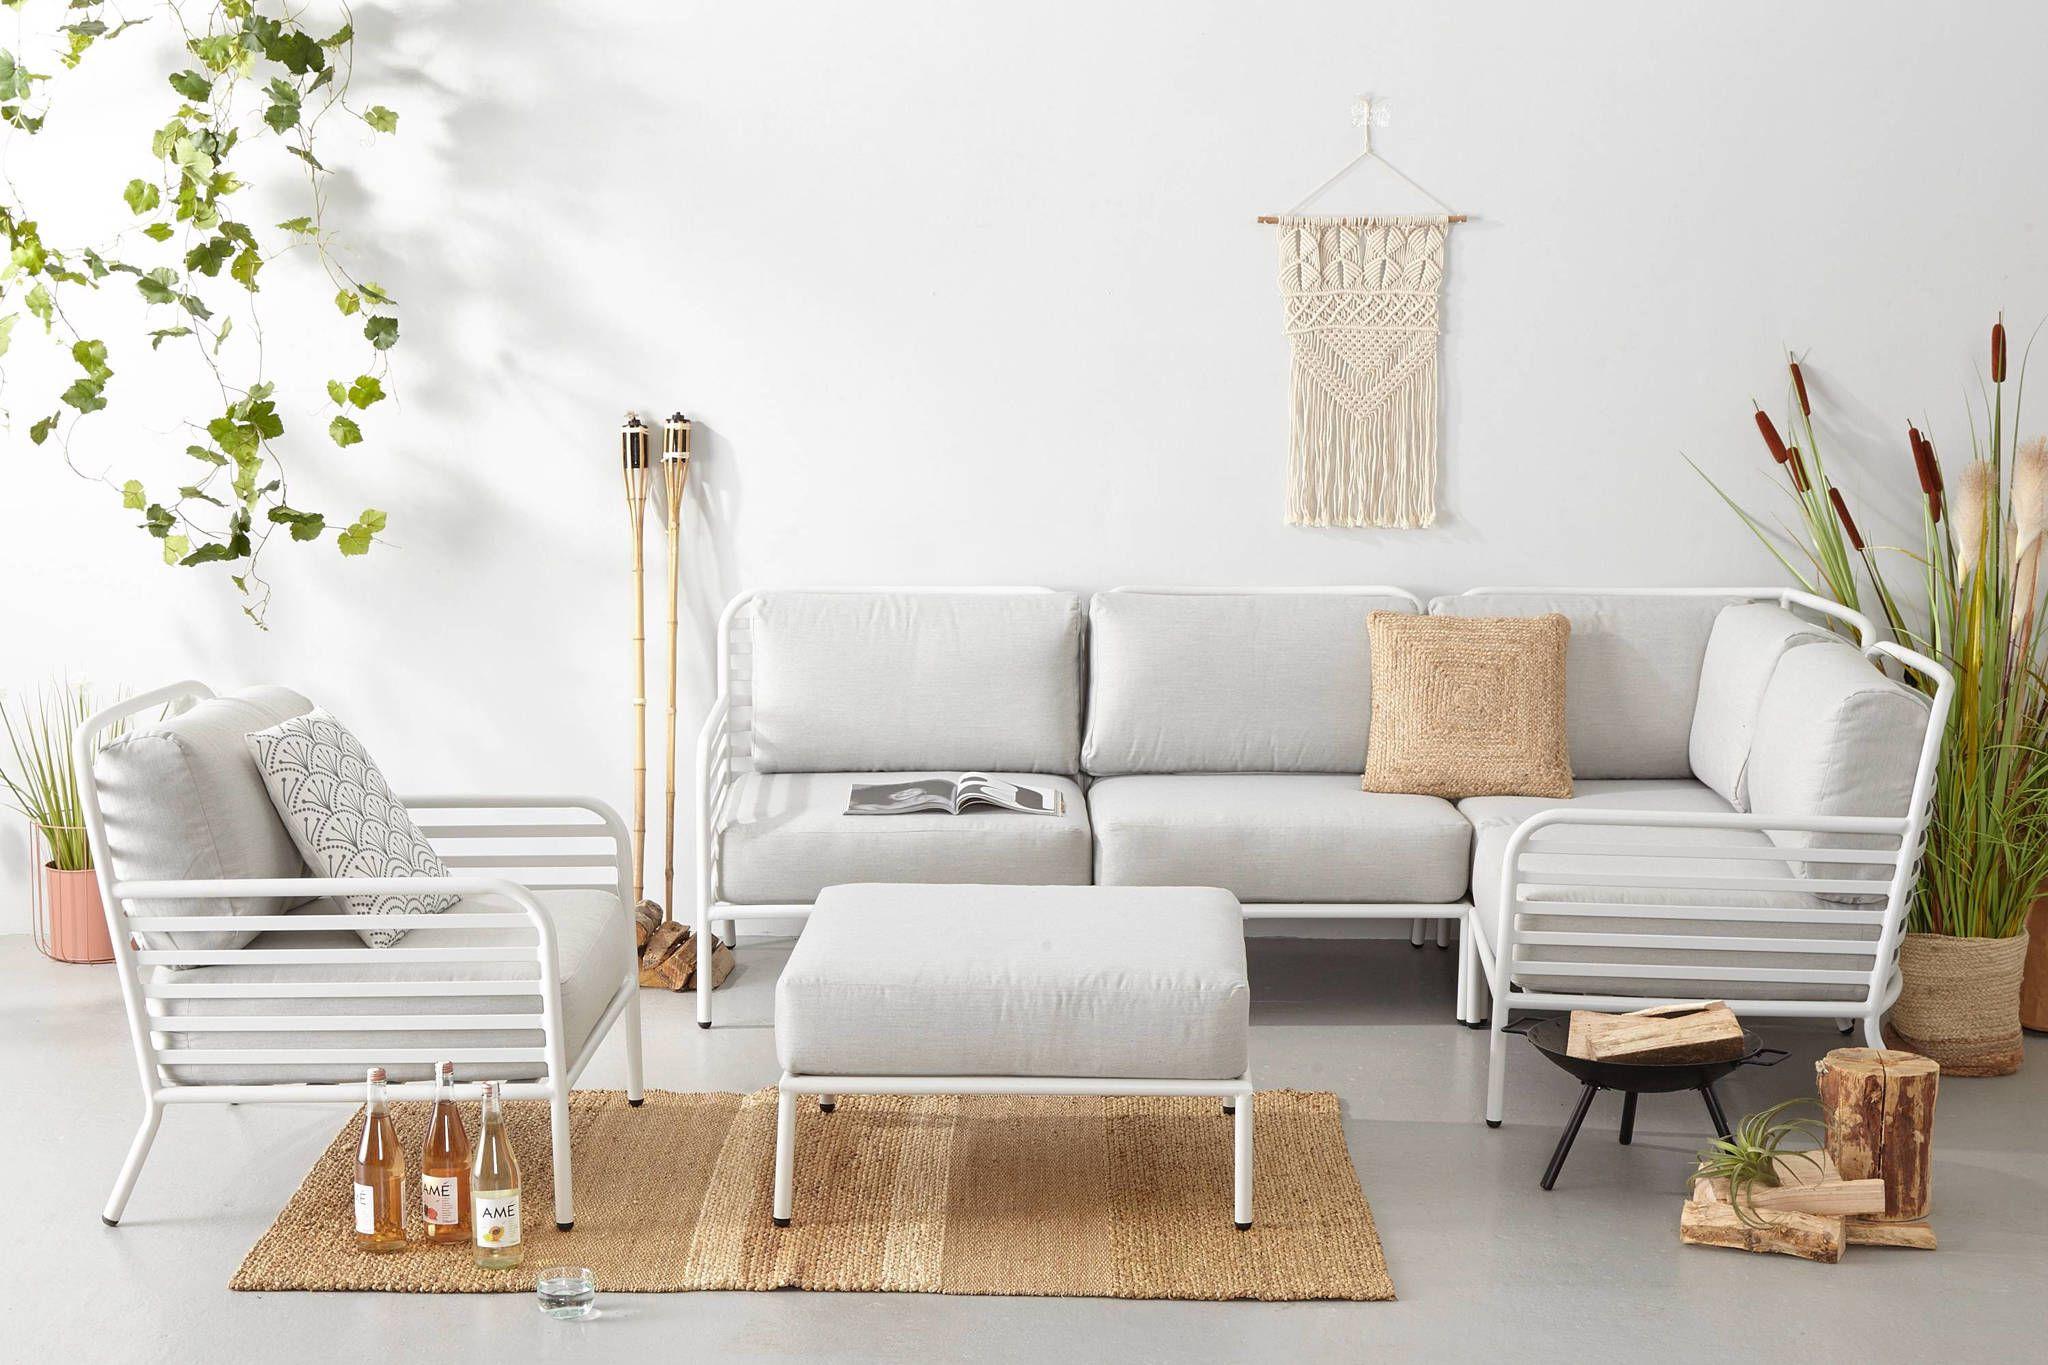 Lekkere Lounge Stoel.Whkmp S Own Loungeset Breton L Met Loungestoel In 2019 Mijn